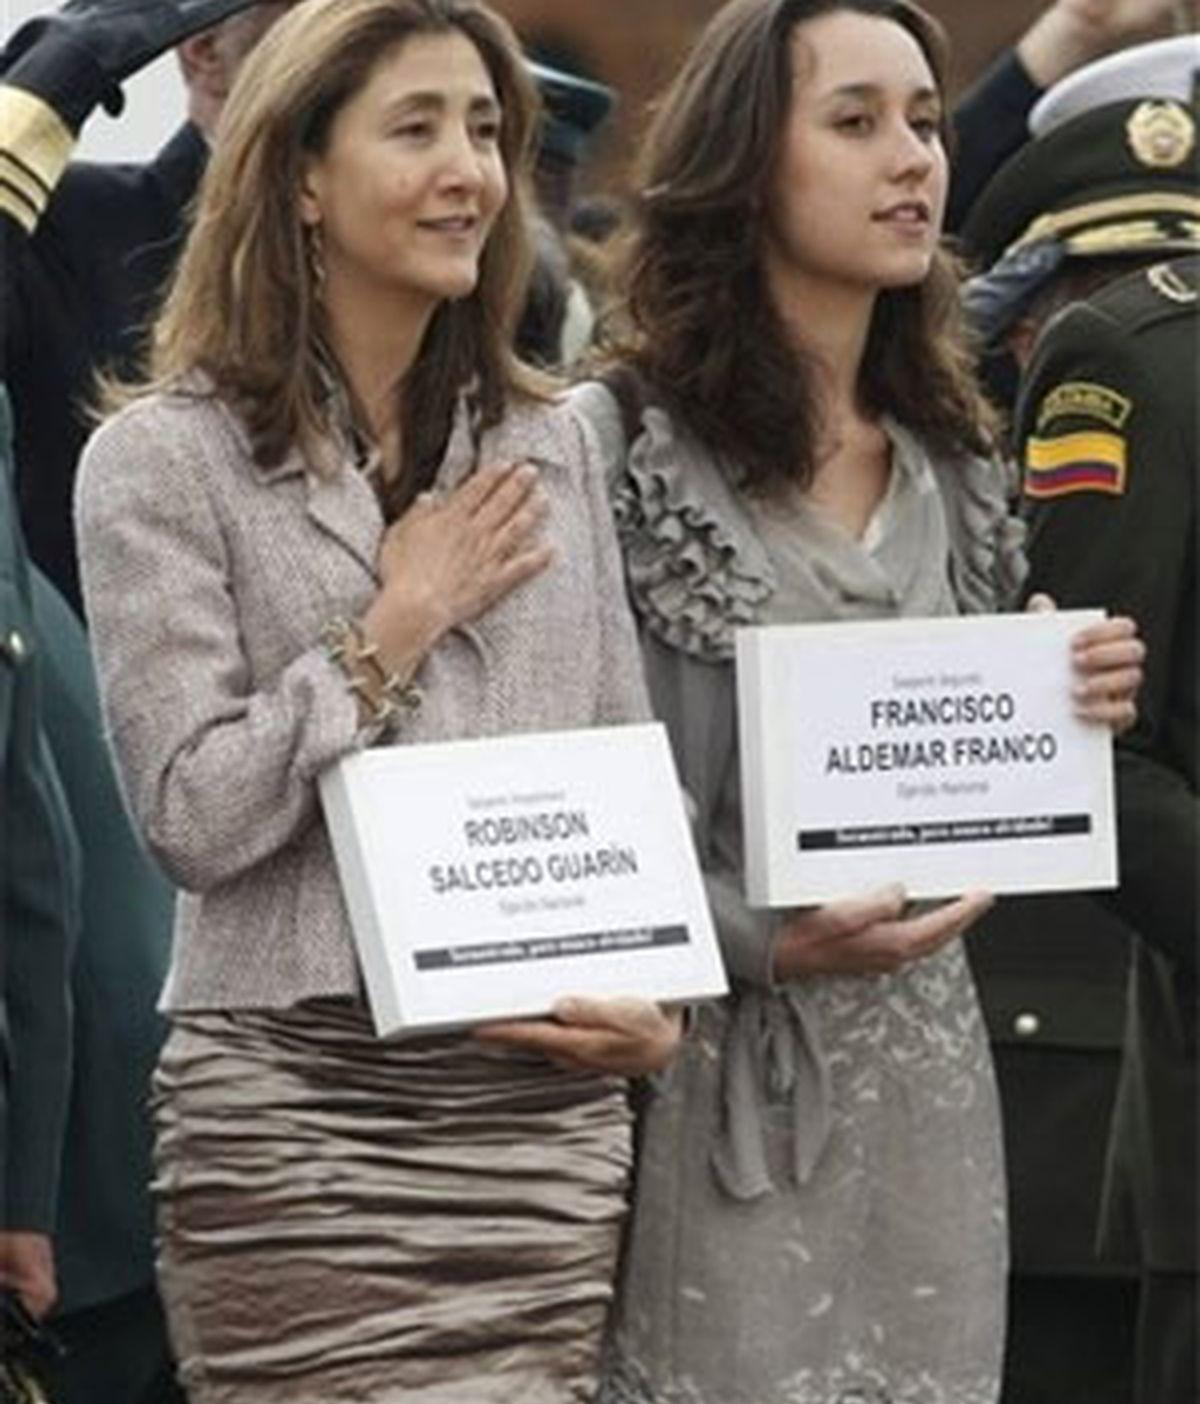 La ex candidata presidencial durante la ceremonia que conmemoró su rescate. Foto: AP